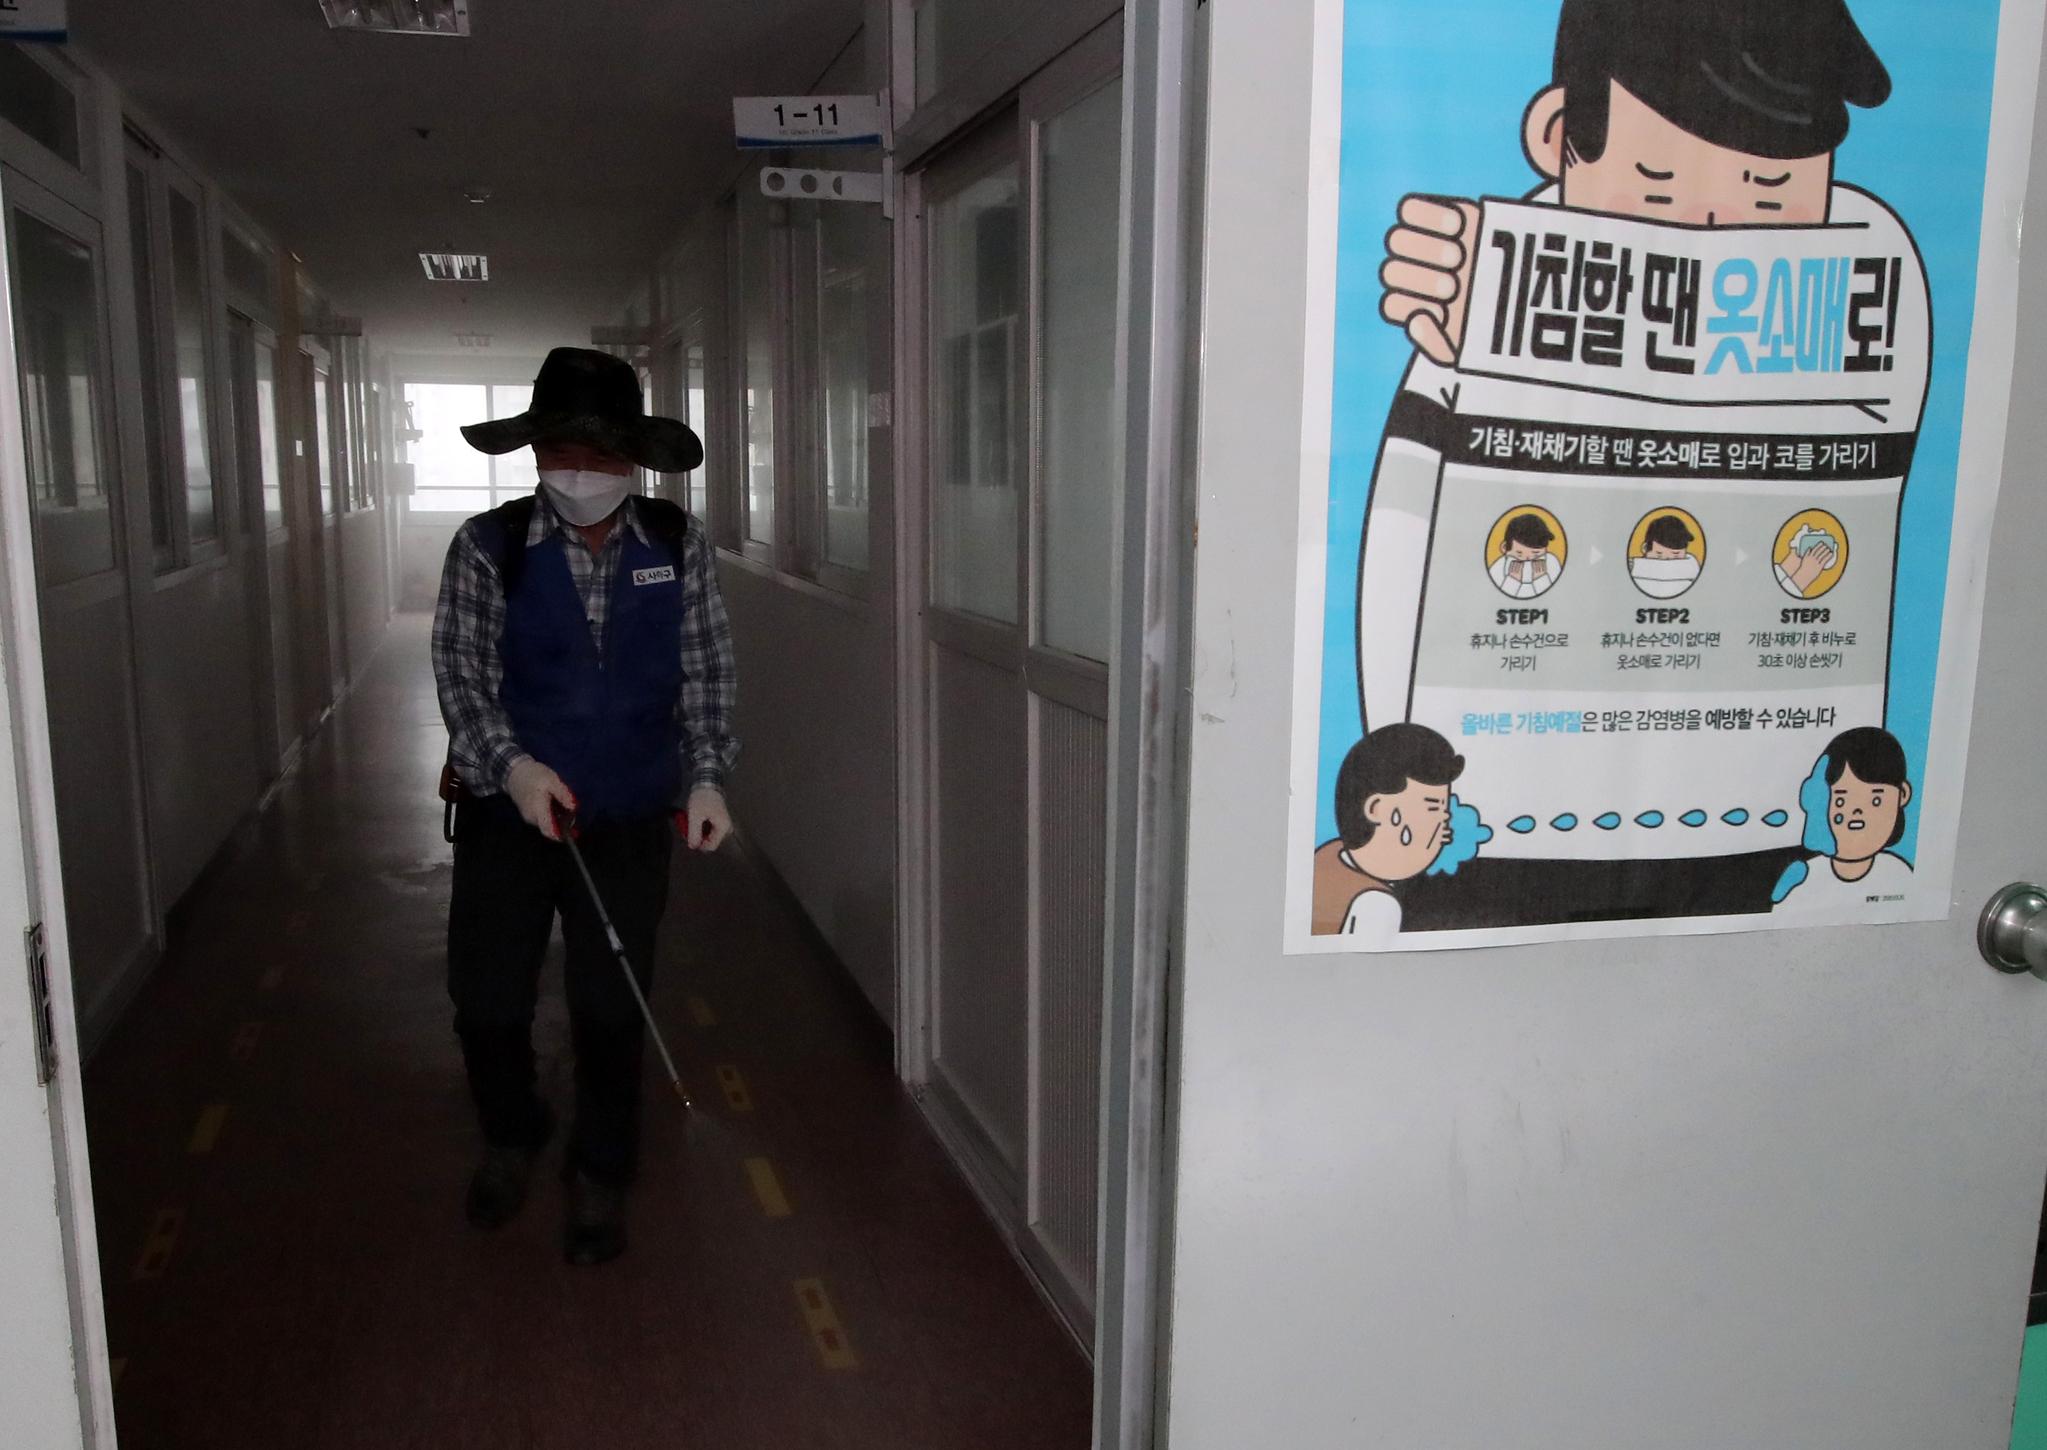 확진자가 발생한 부산 사하구 부경보건고 건물에서 보건소 관계자가 방역소독을 실시하고 있다. 송봉근 기자